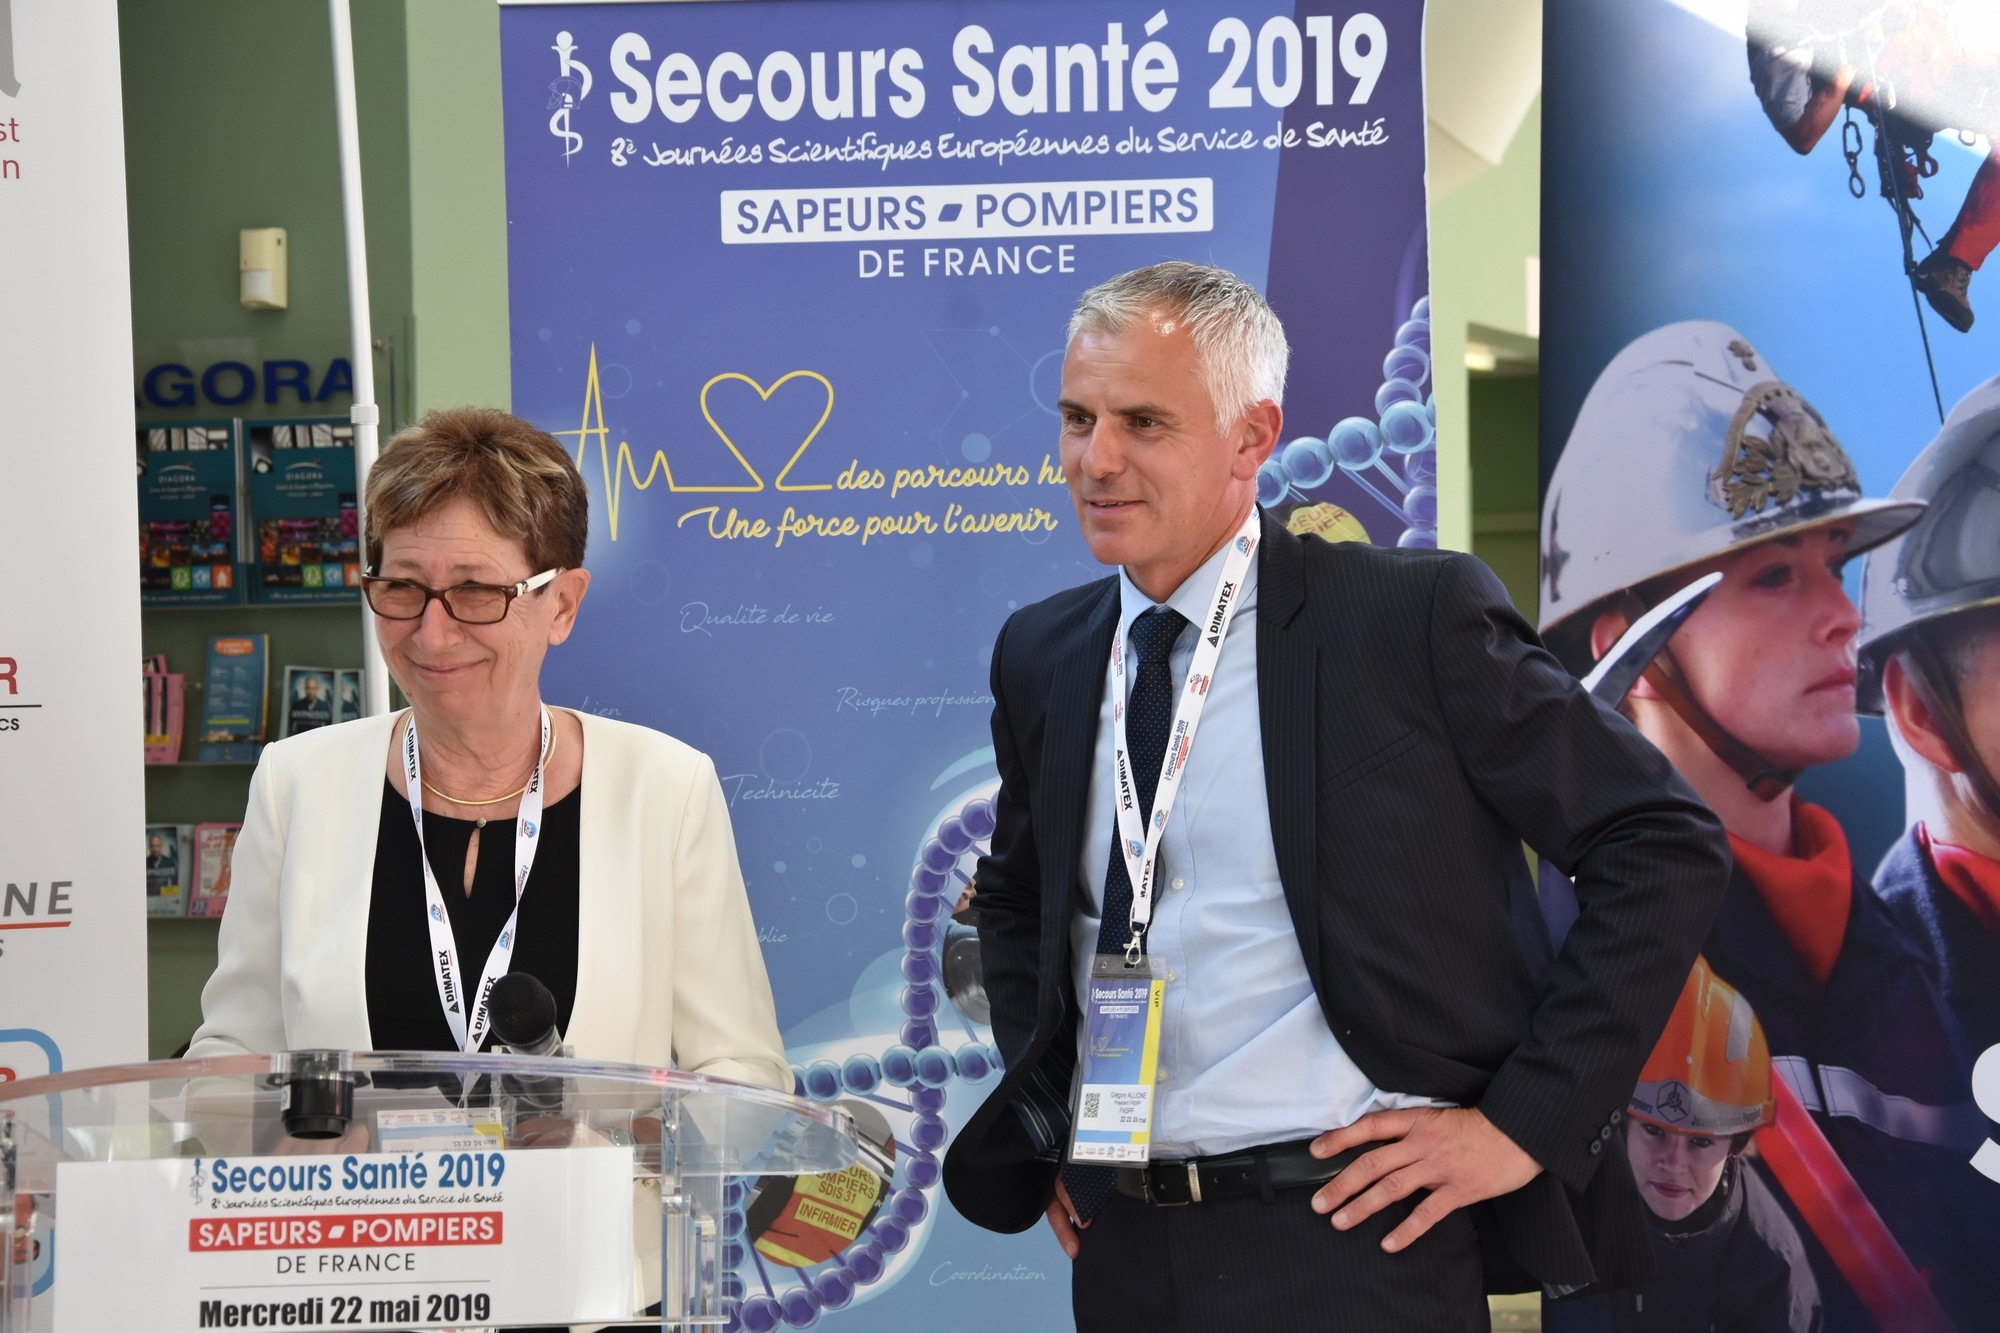 Inauguration secours santé 2019 Grégory Allione